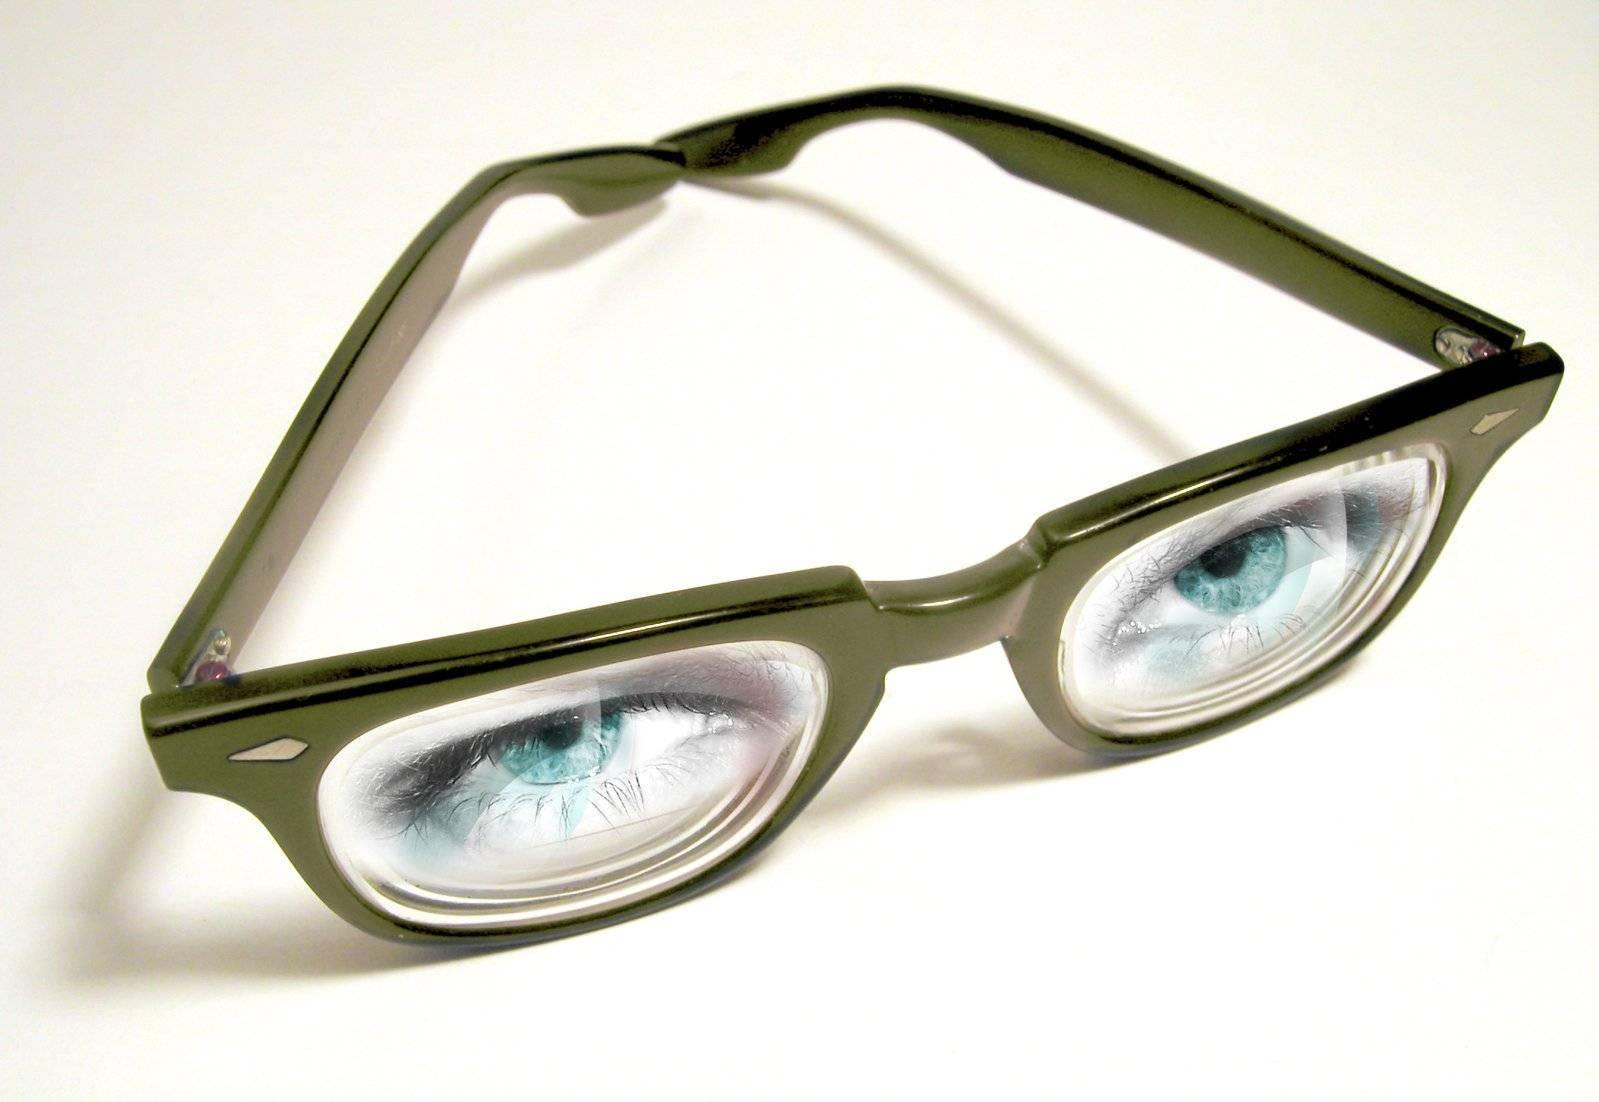 Самый безопасный способ лечения – и к тому же стильный аксессуар. как подобрать очки при астигматизме?